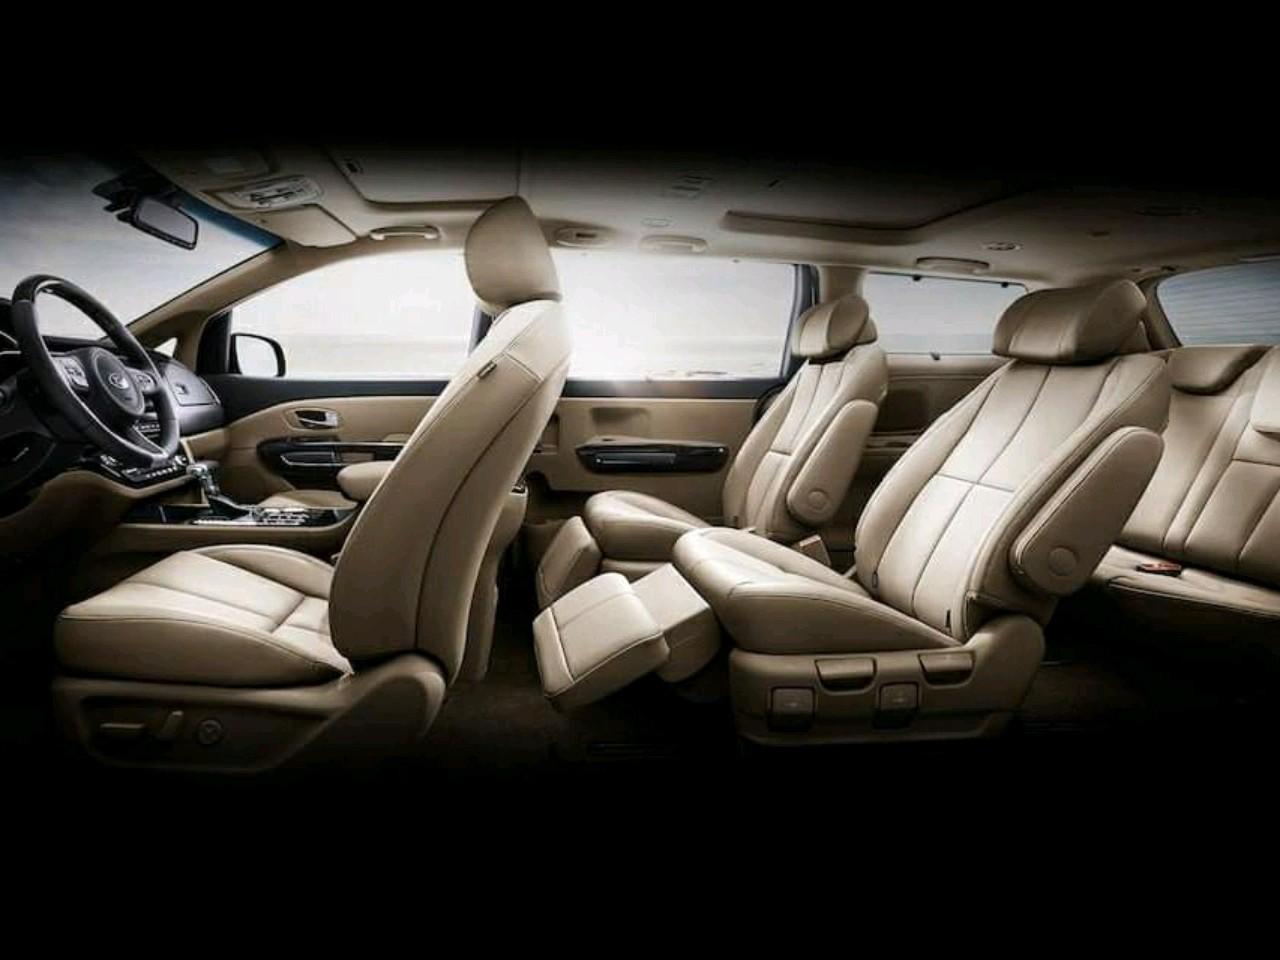 ⭐Xe đẹp, xe mới, xe cao cấp tiện nghi, chất lượng êm ái, sạch sẽ thơm tho, an toàn và thư giãn… Sedona, Fortuner, Innova...